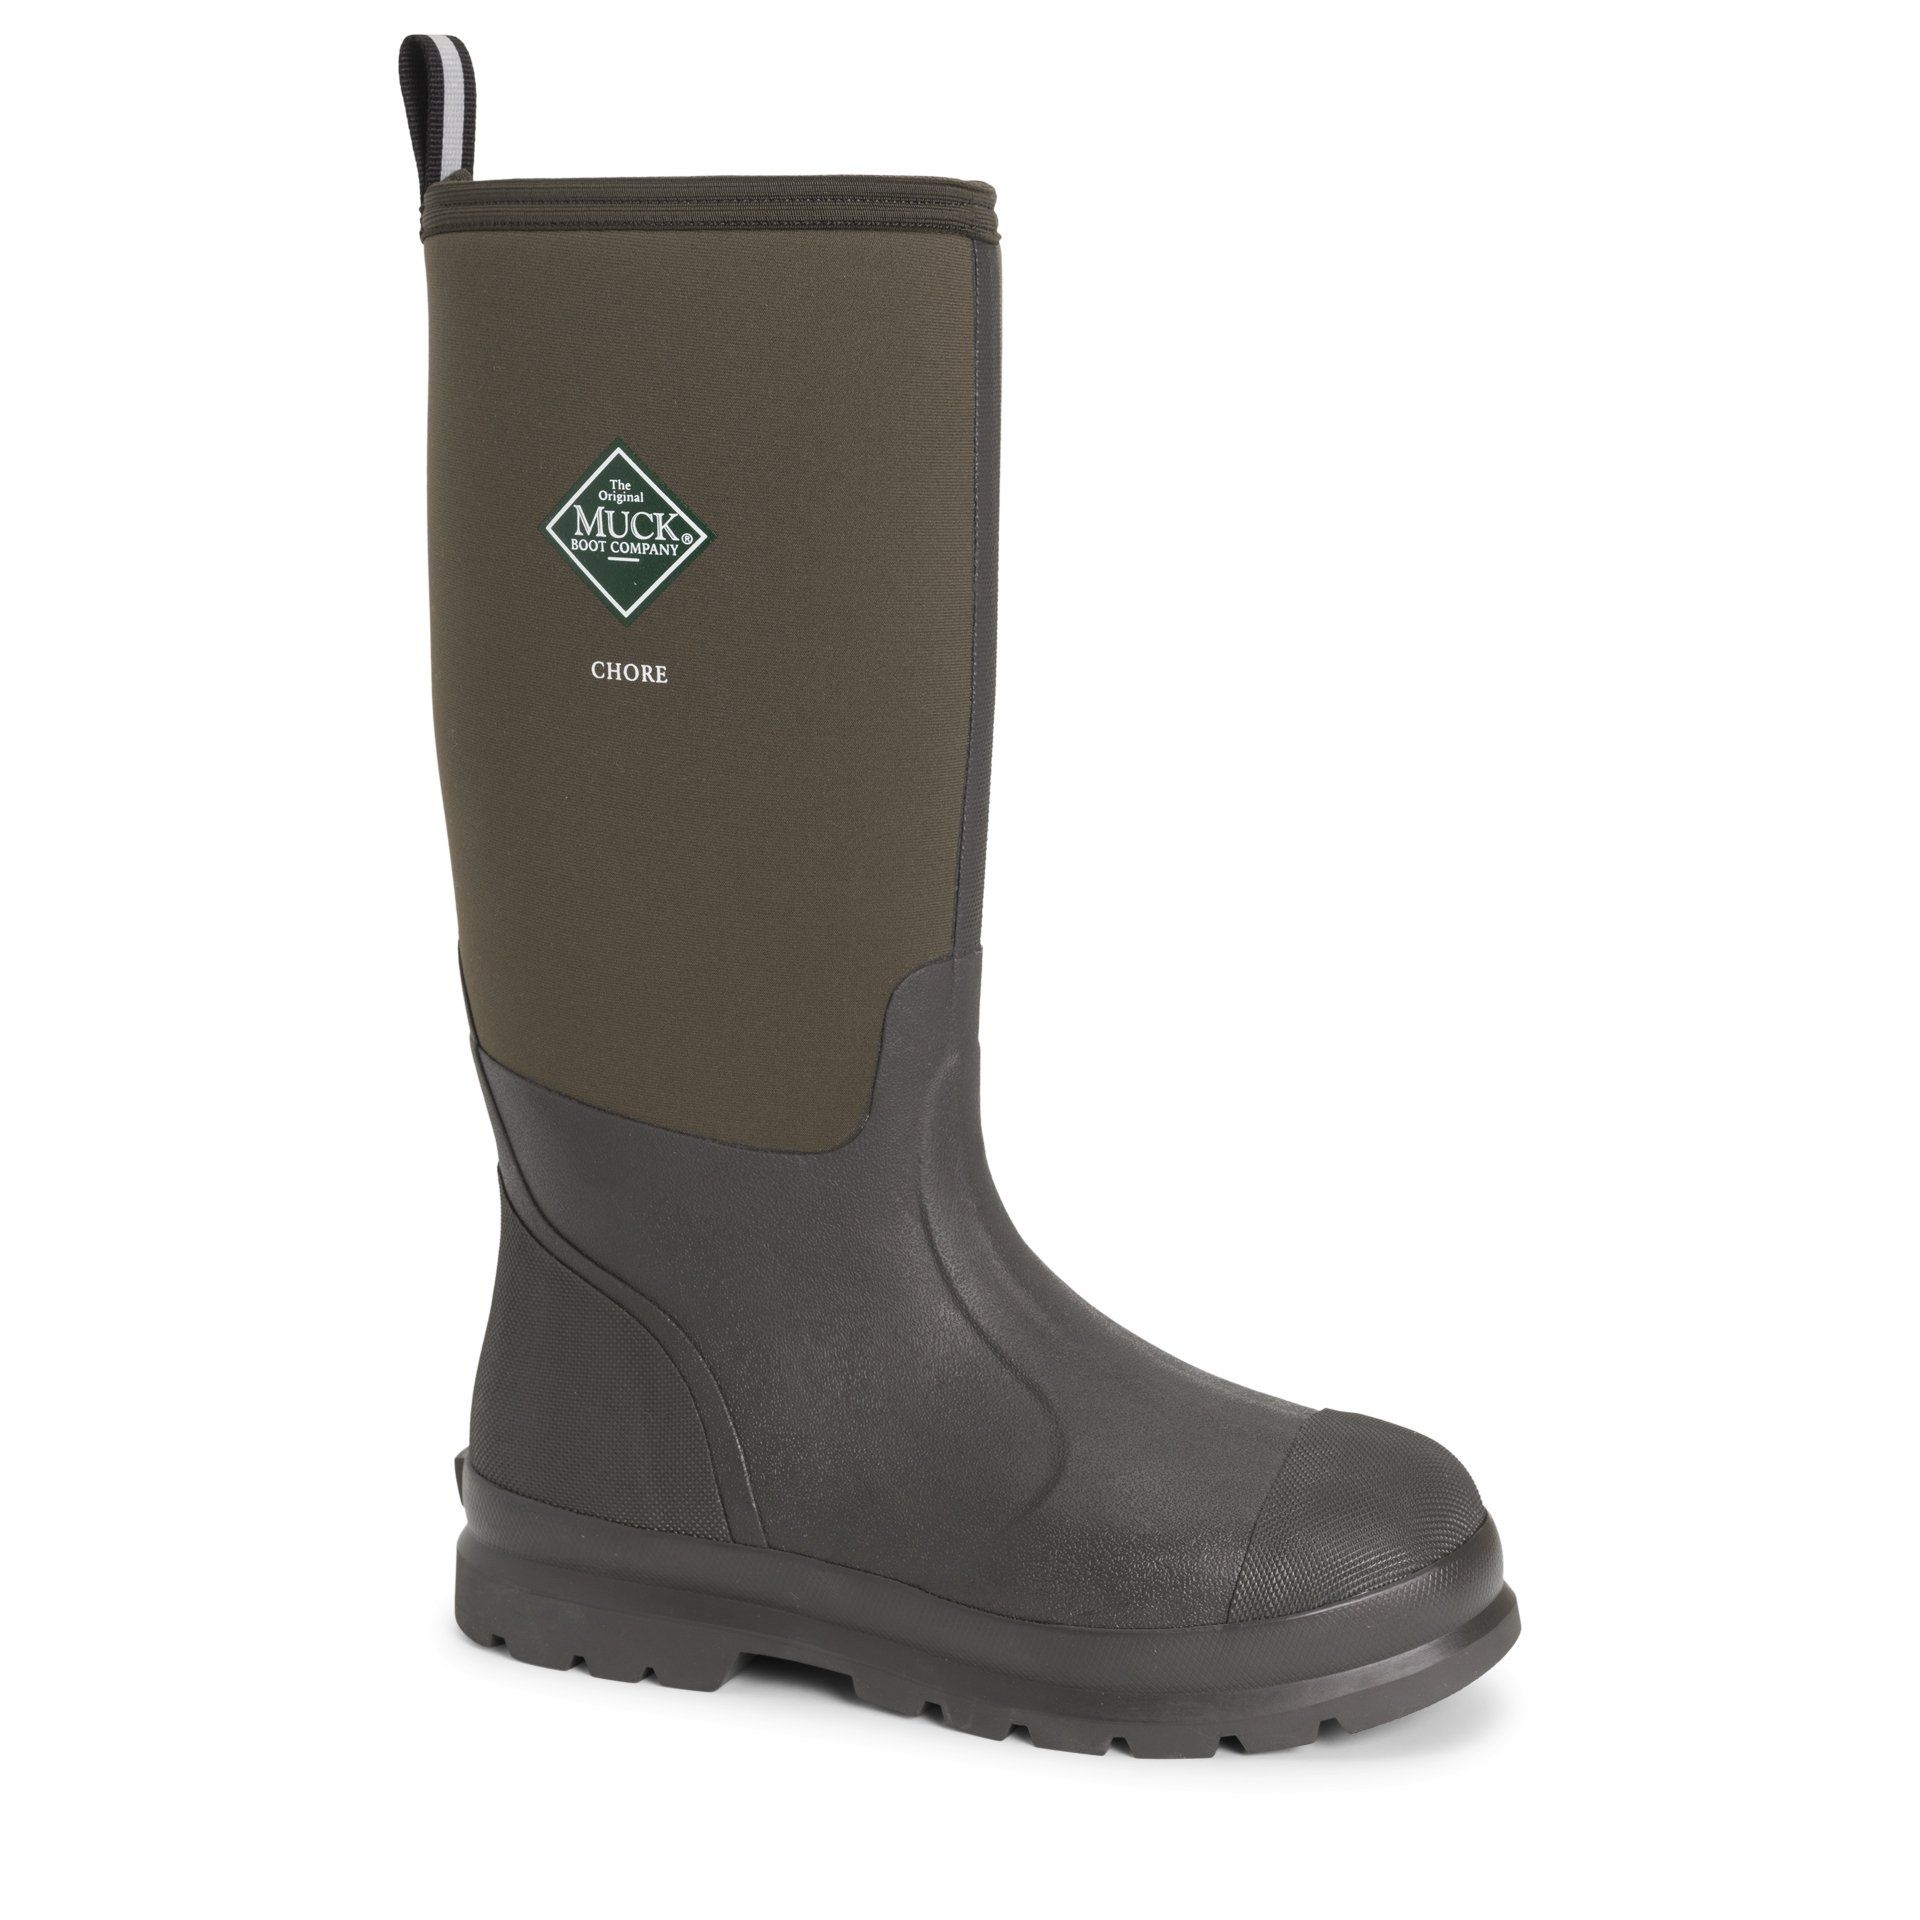 Rubber work boots, Muck boots men